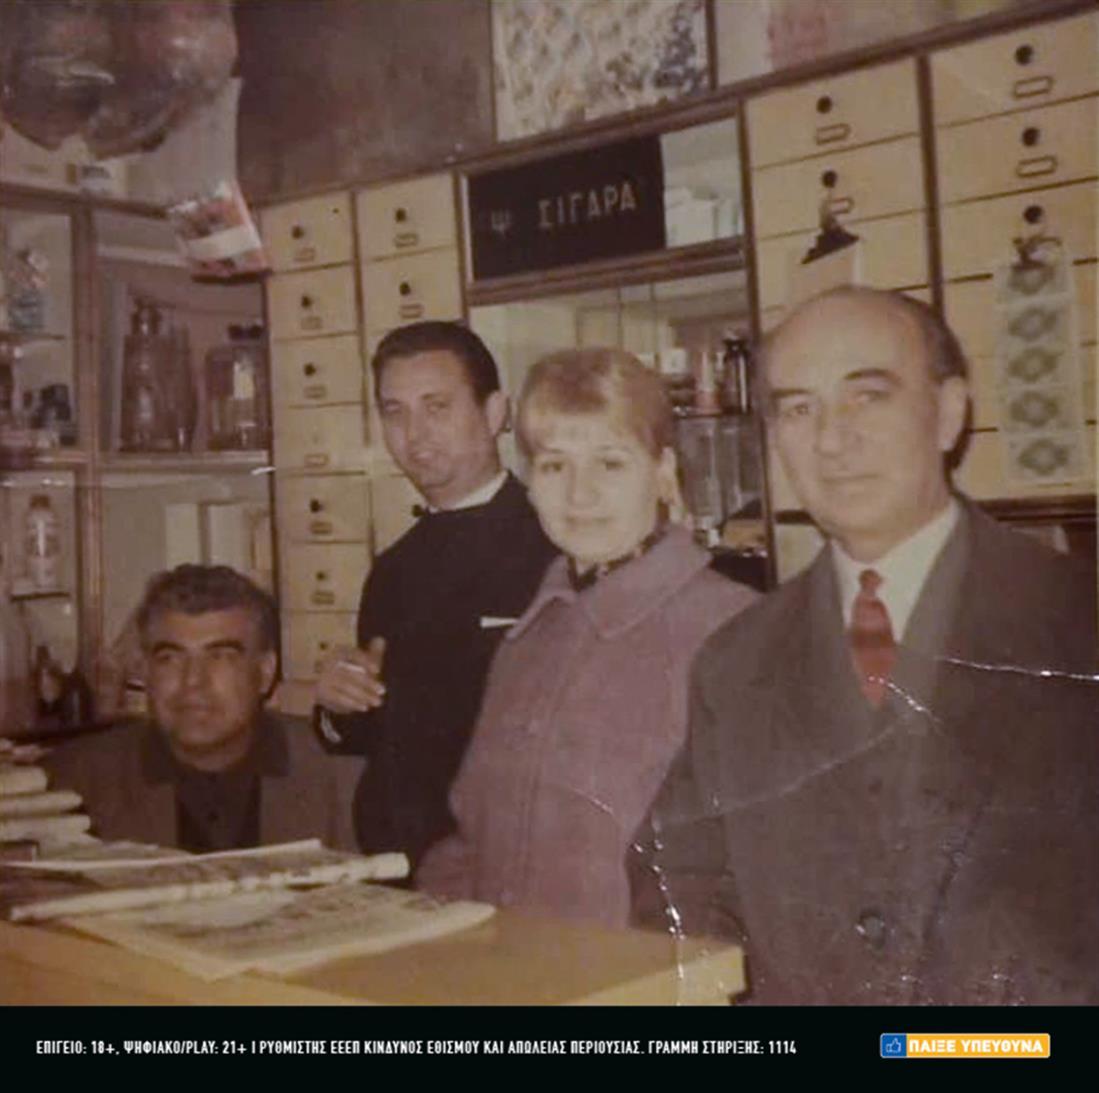 Το πρακτορείο της οικογένειας Πουλημά στη Δάφνη, γύρω στο 1970, και ο Γιώργος Πουλημάς σήμερα στο κατάστημα ΟΠΑΠ της Γλυφάδα.